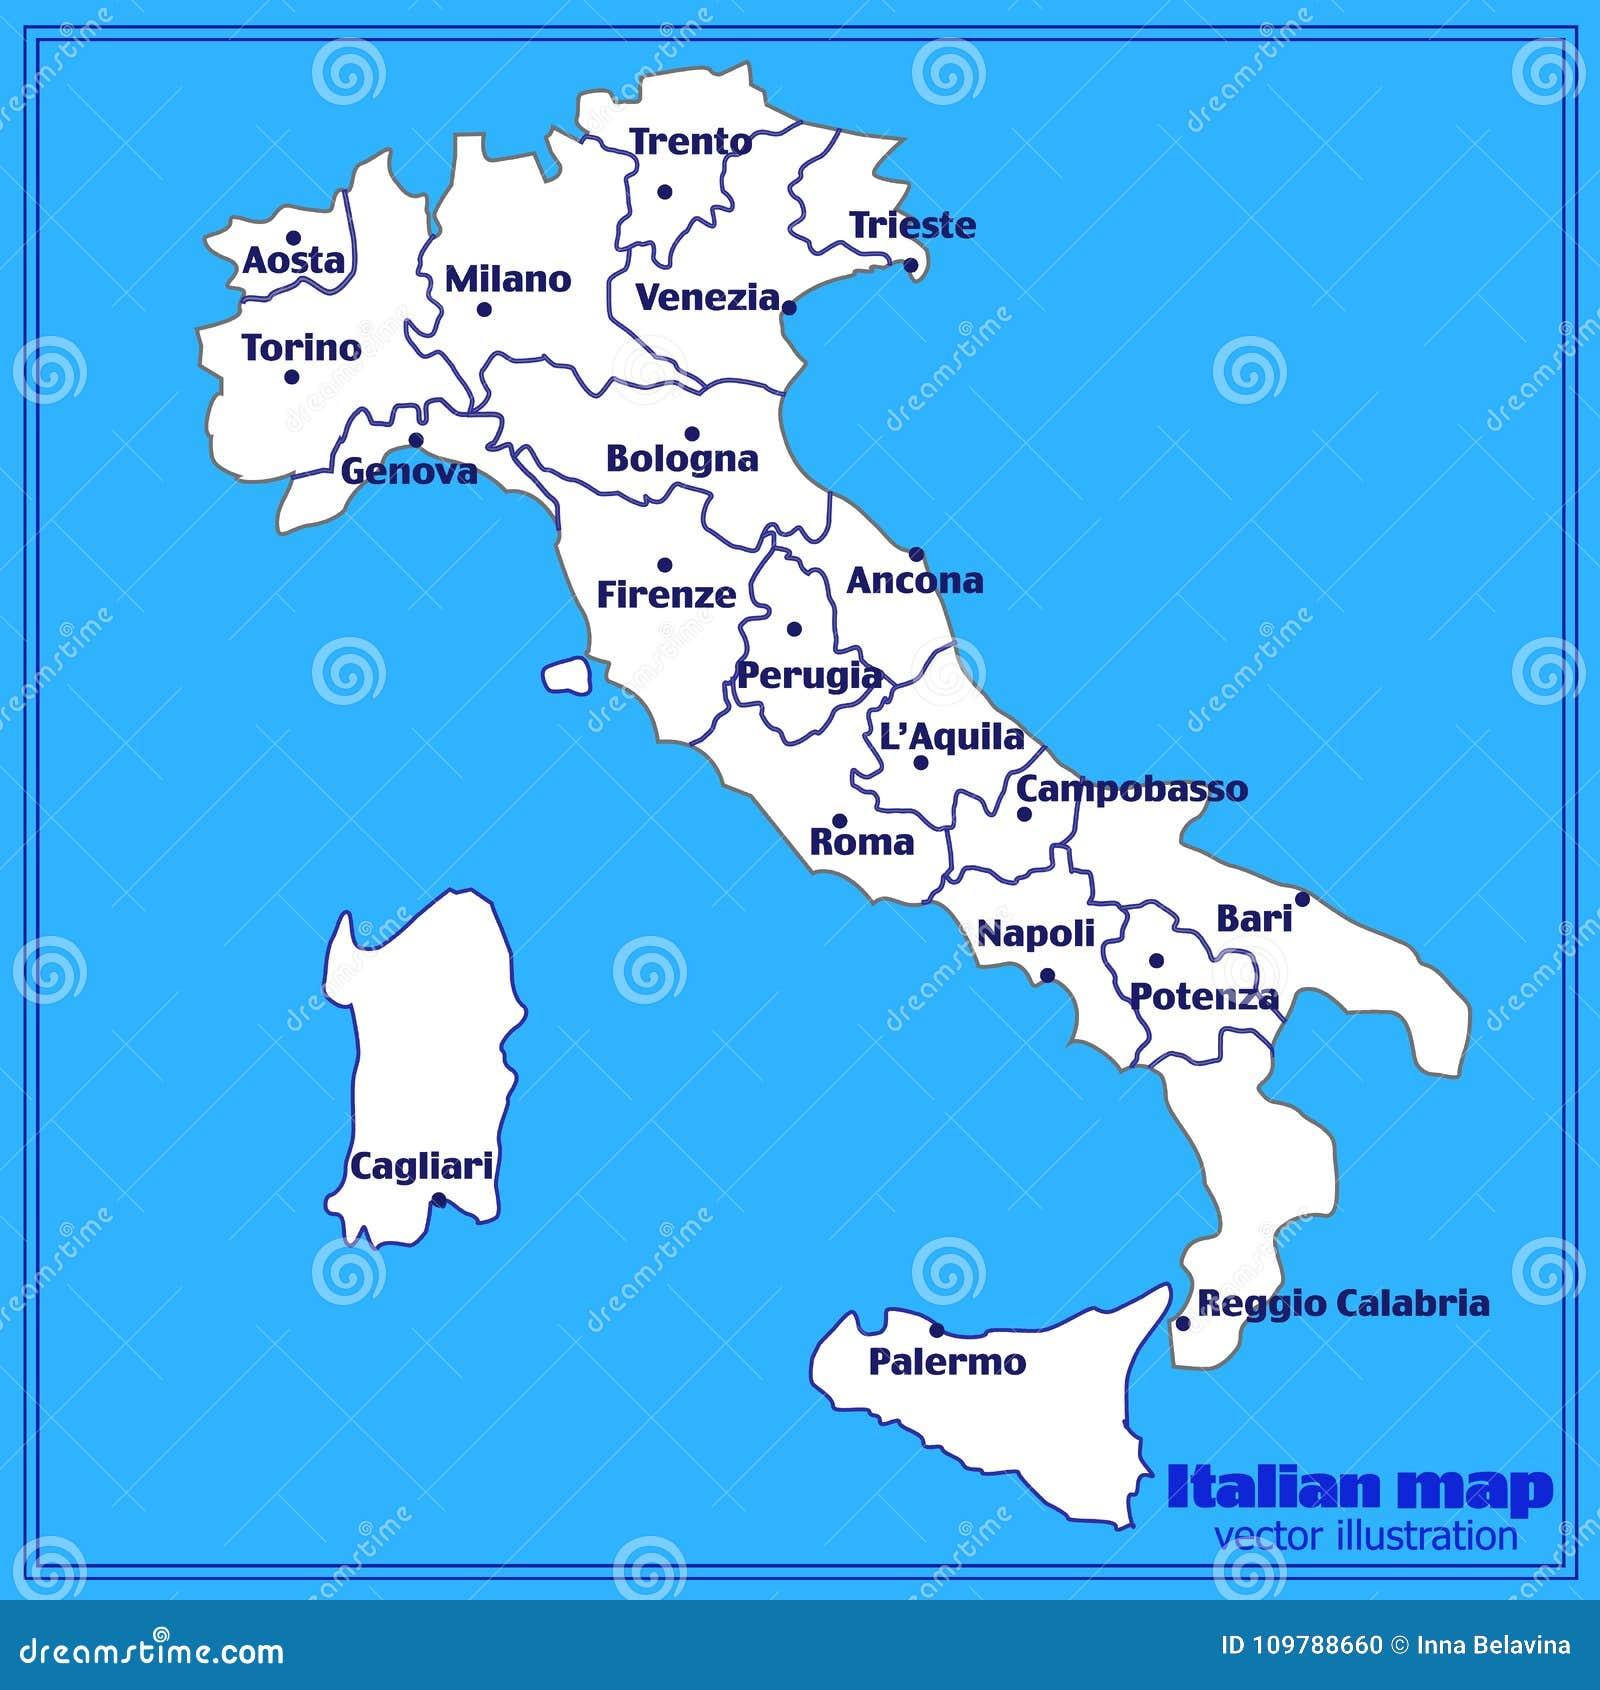 Karte Von Italien Mit Blauem Hintergrund Italien Karte Mit